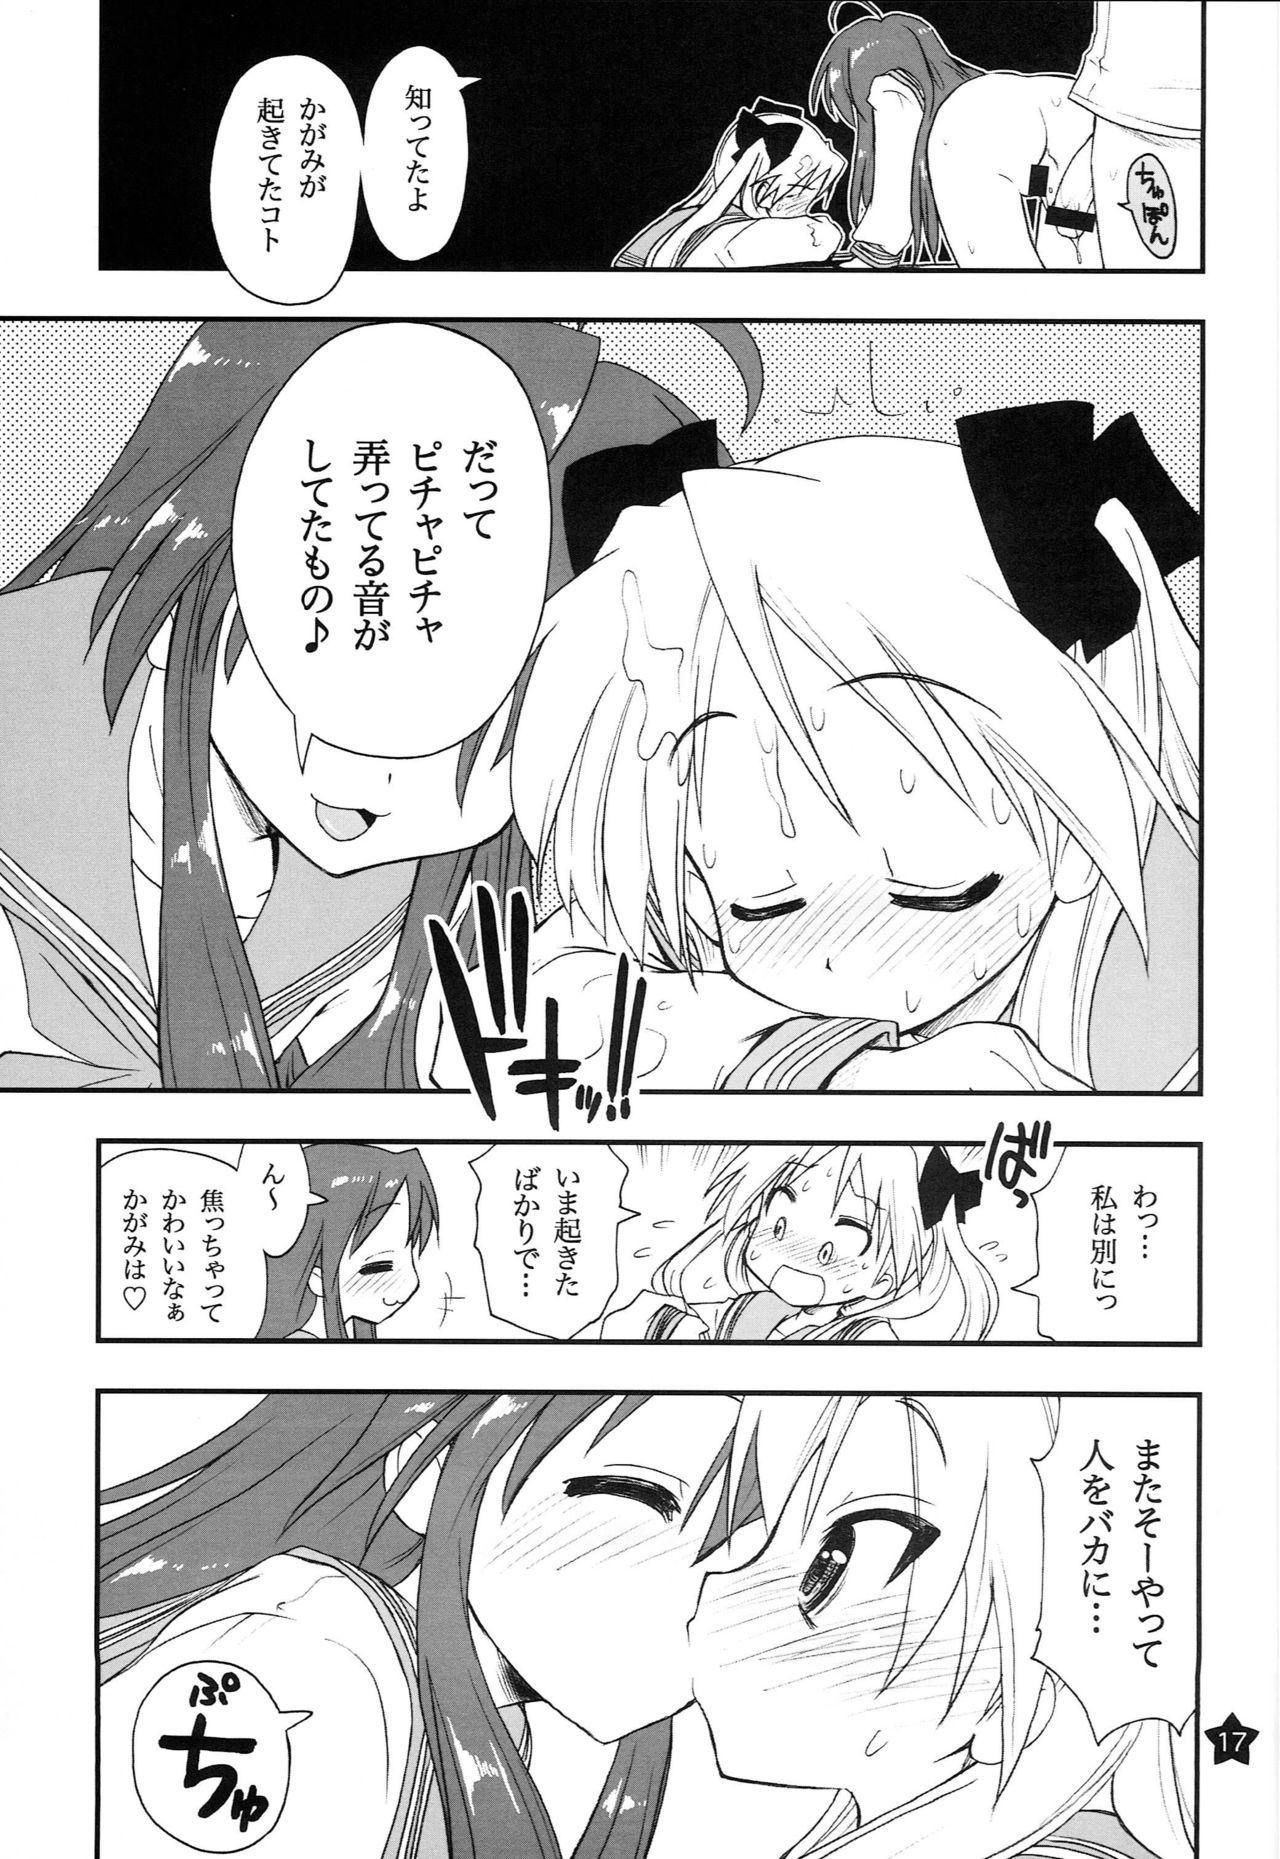 [Girigiri Nijiiro (Kamino Ryu-ya)] Ohirune Shitetara Kona-chan to Onee-chan ga Kona-chan no Oji-san ni... (Lucky Star) [2009-06-09] 15